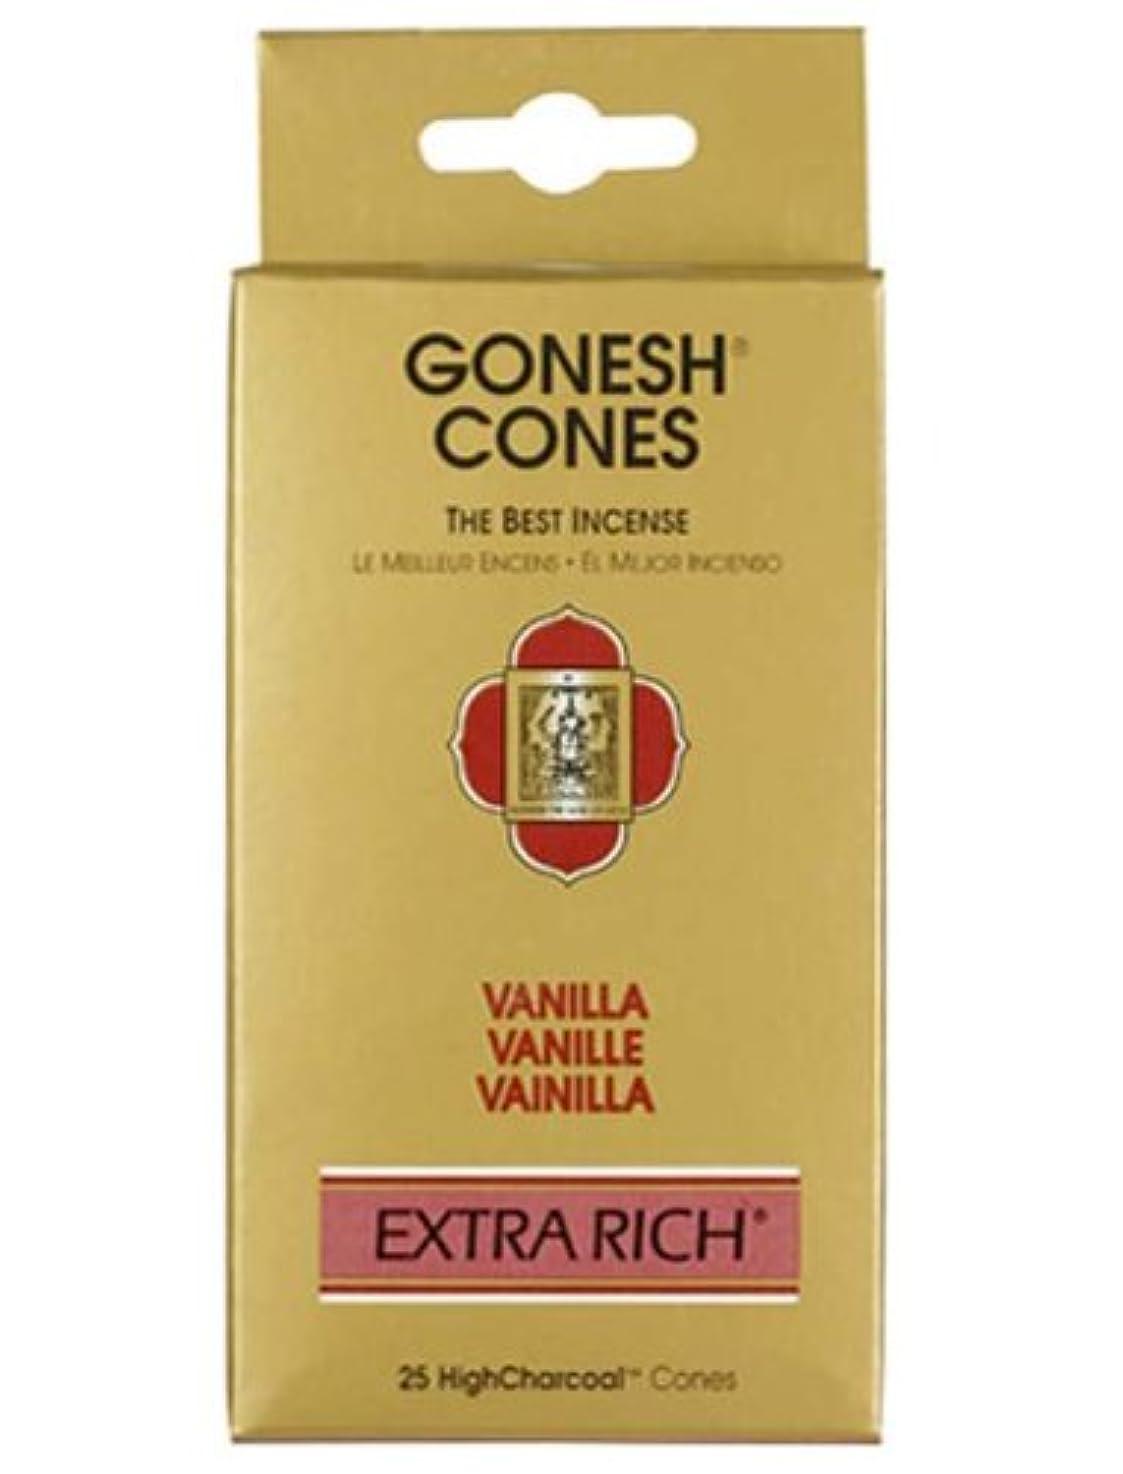 変色する塩石のガーネッシュ(GONESH) エクストラリッチ インセンス コーン バニラ 25個入(お香)